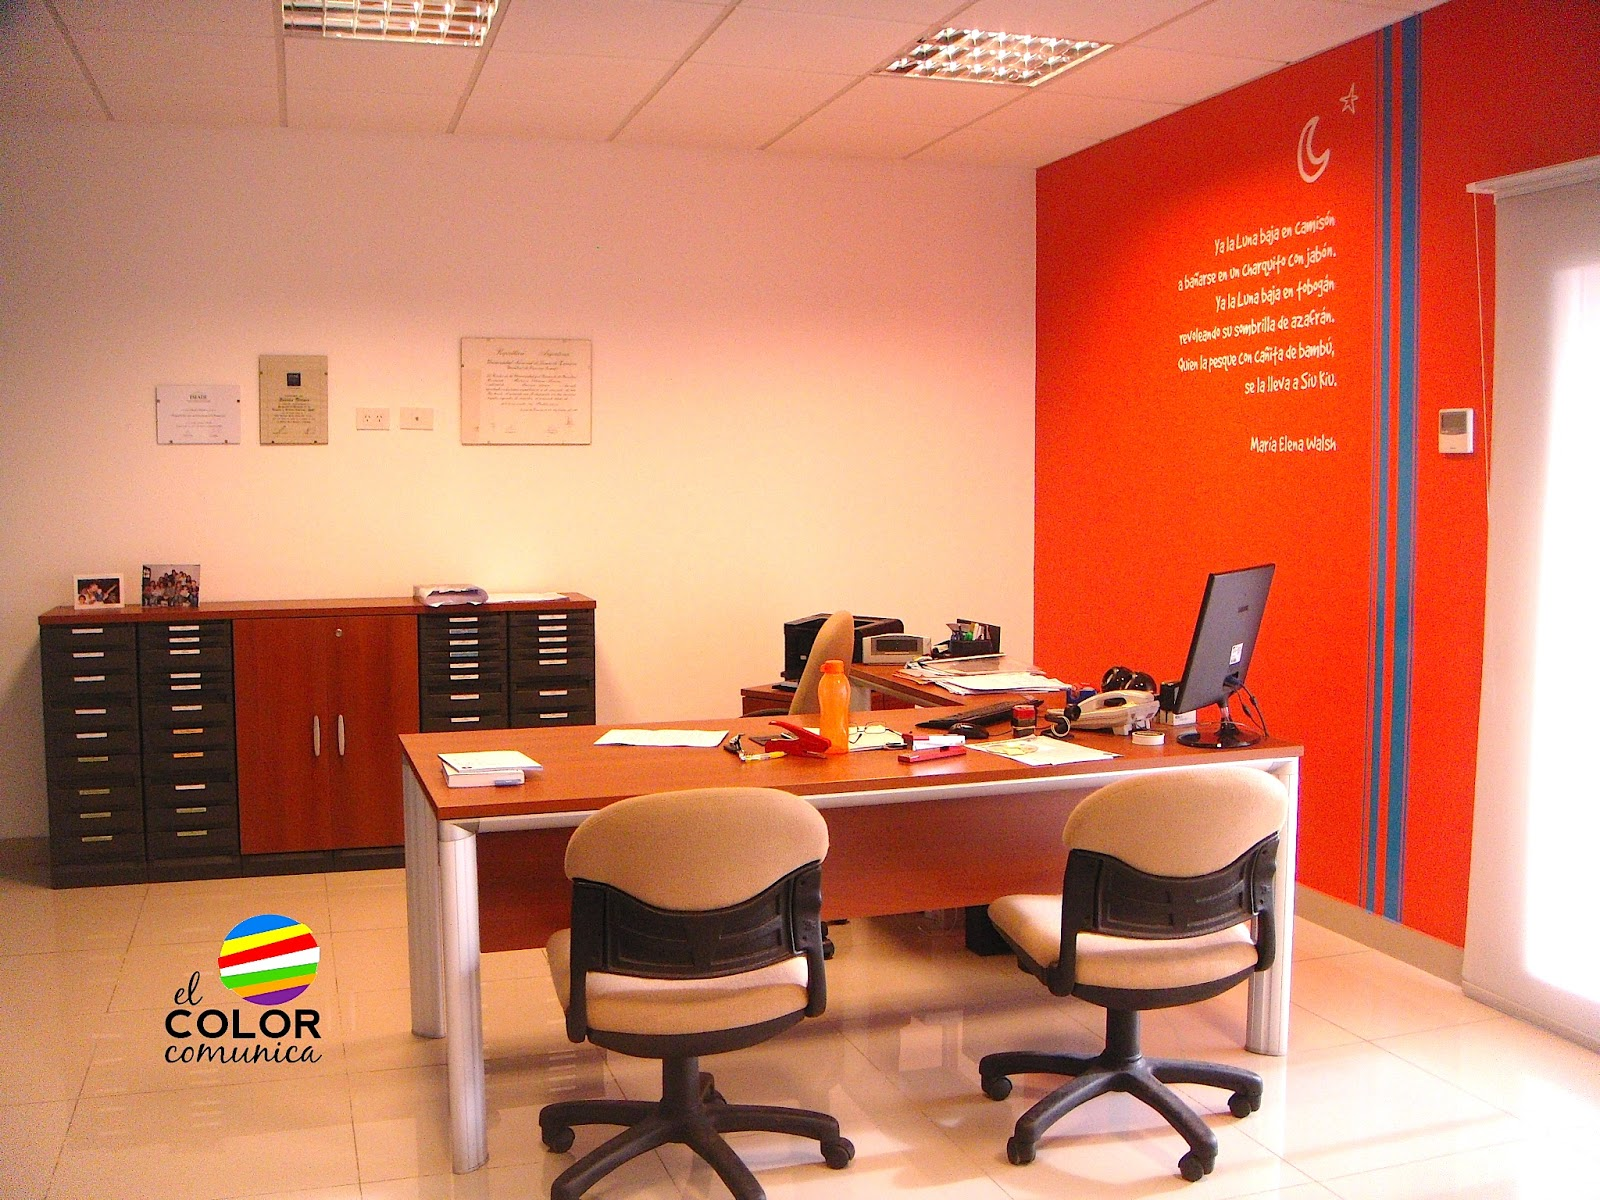 El color comunica colores de la marca plasmados en el for Colores de paredes interiores